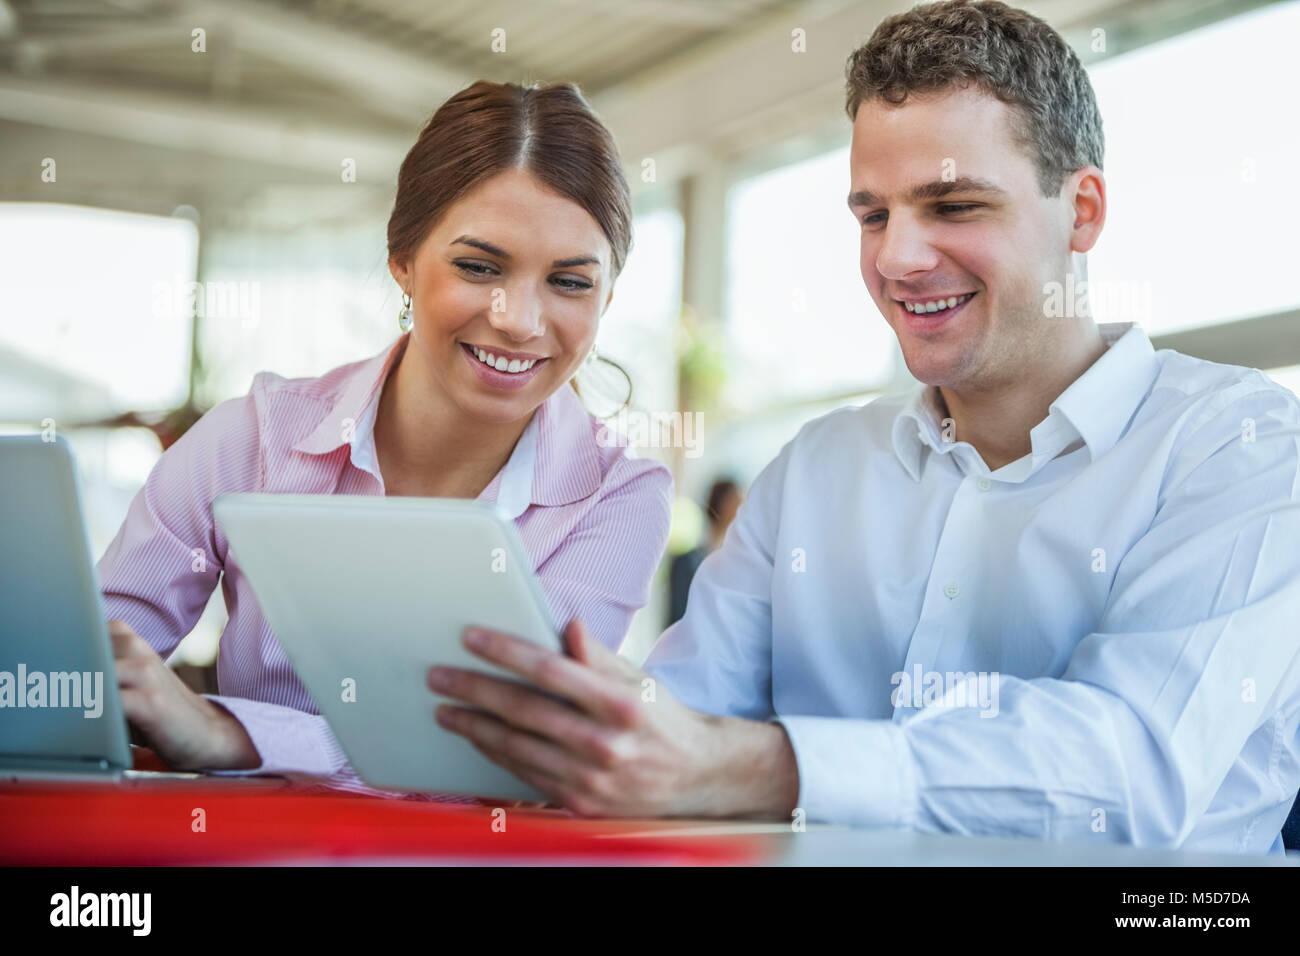 Lächelnden jungen Geschäftsleuten mit Technologien im Büro Stockbild